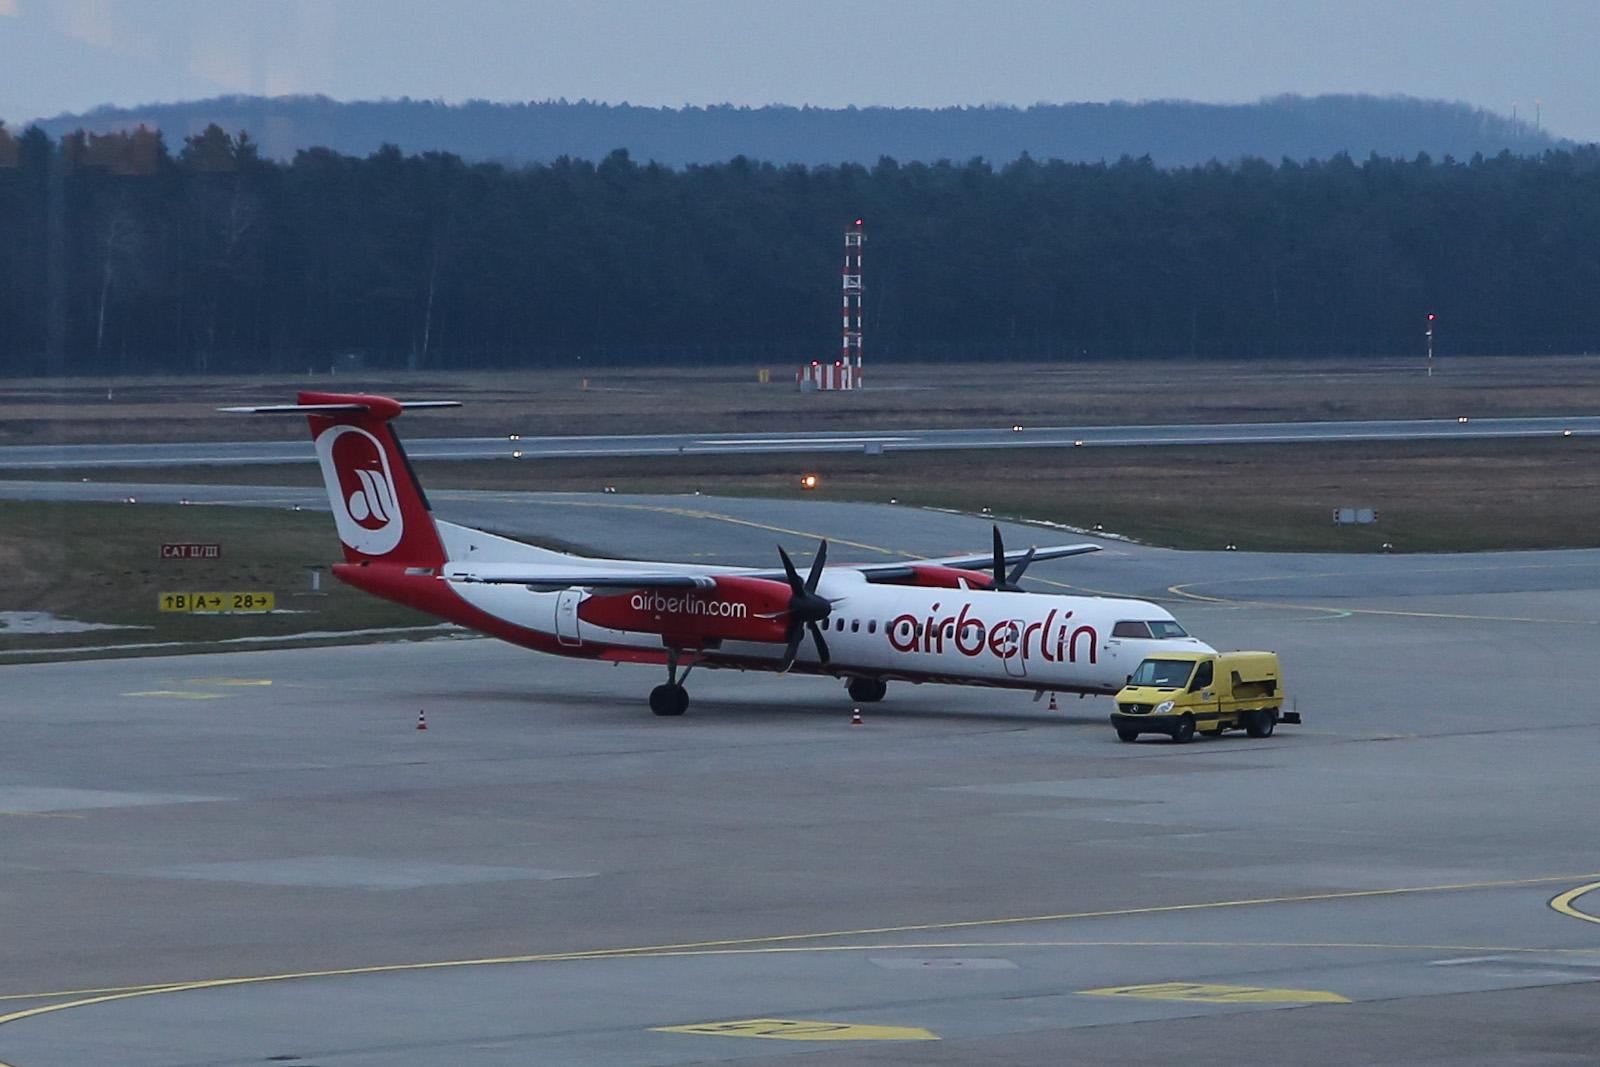 Самолет Bombardier Dash 8Q-400 авиакомпании LGW в аэропорту Нюрнберг